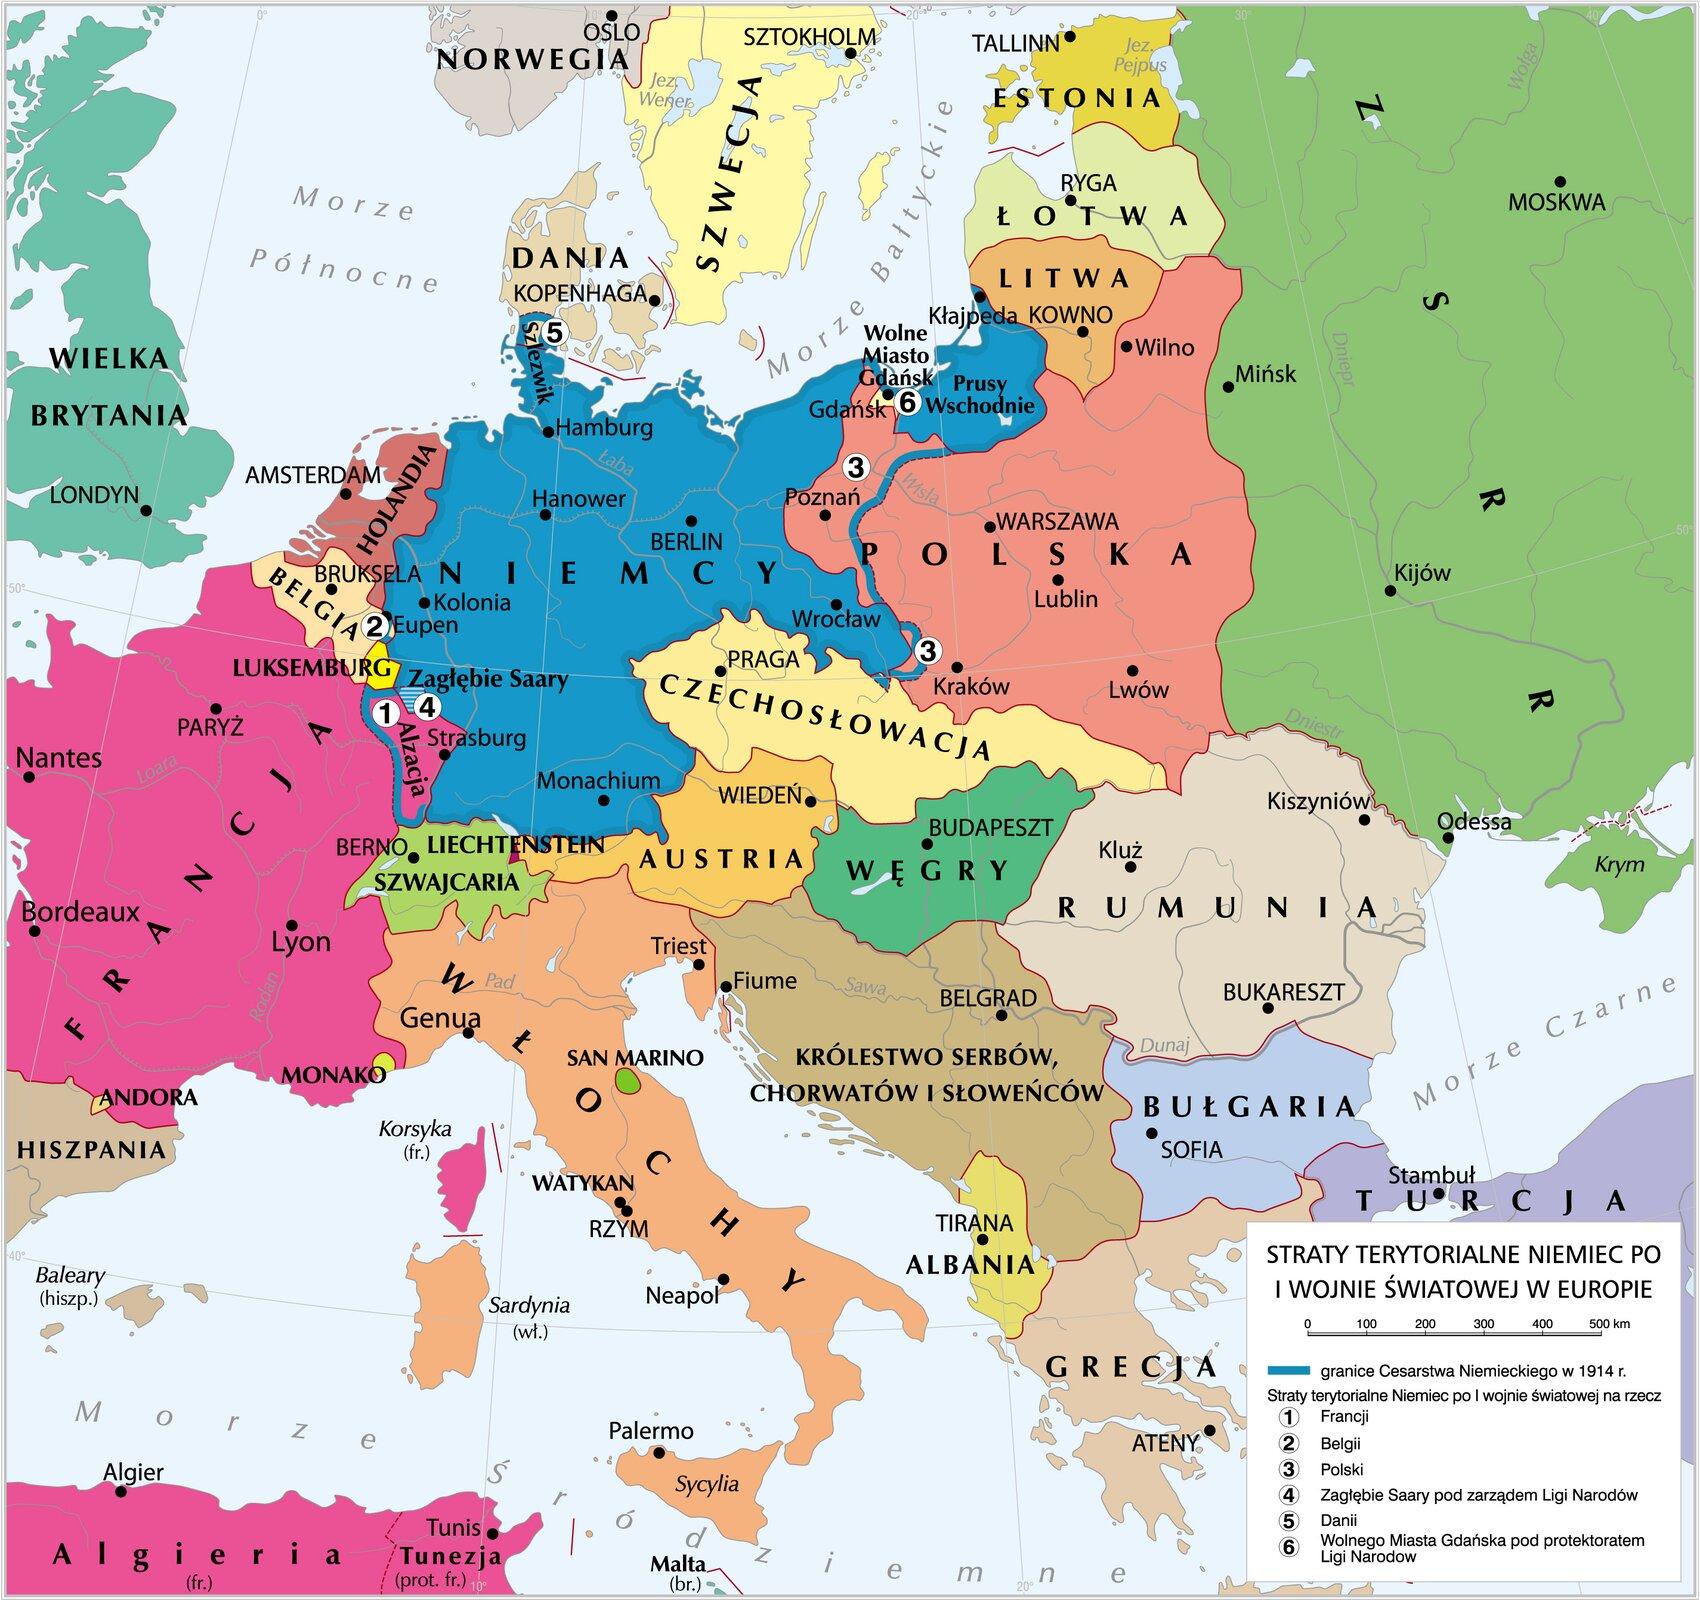 Straty terytorialne Niemiec Straty terytorialne Niemiec Źródło: Krystian Chariza izespół, licencja: CC BY 3.0.